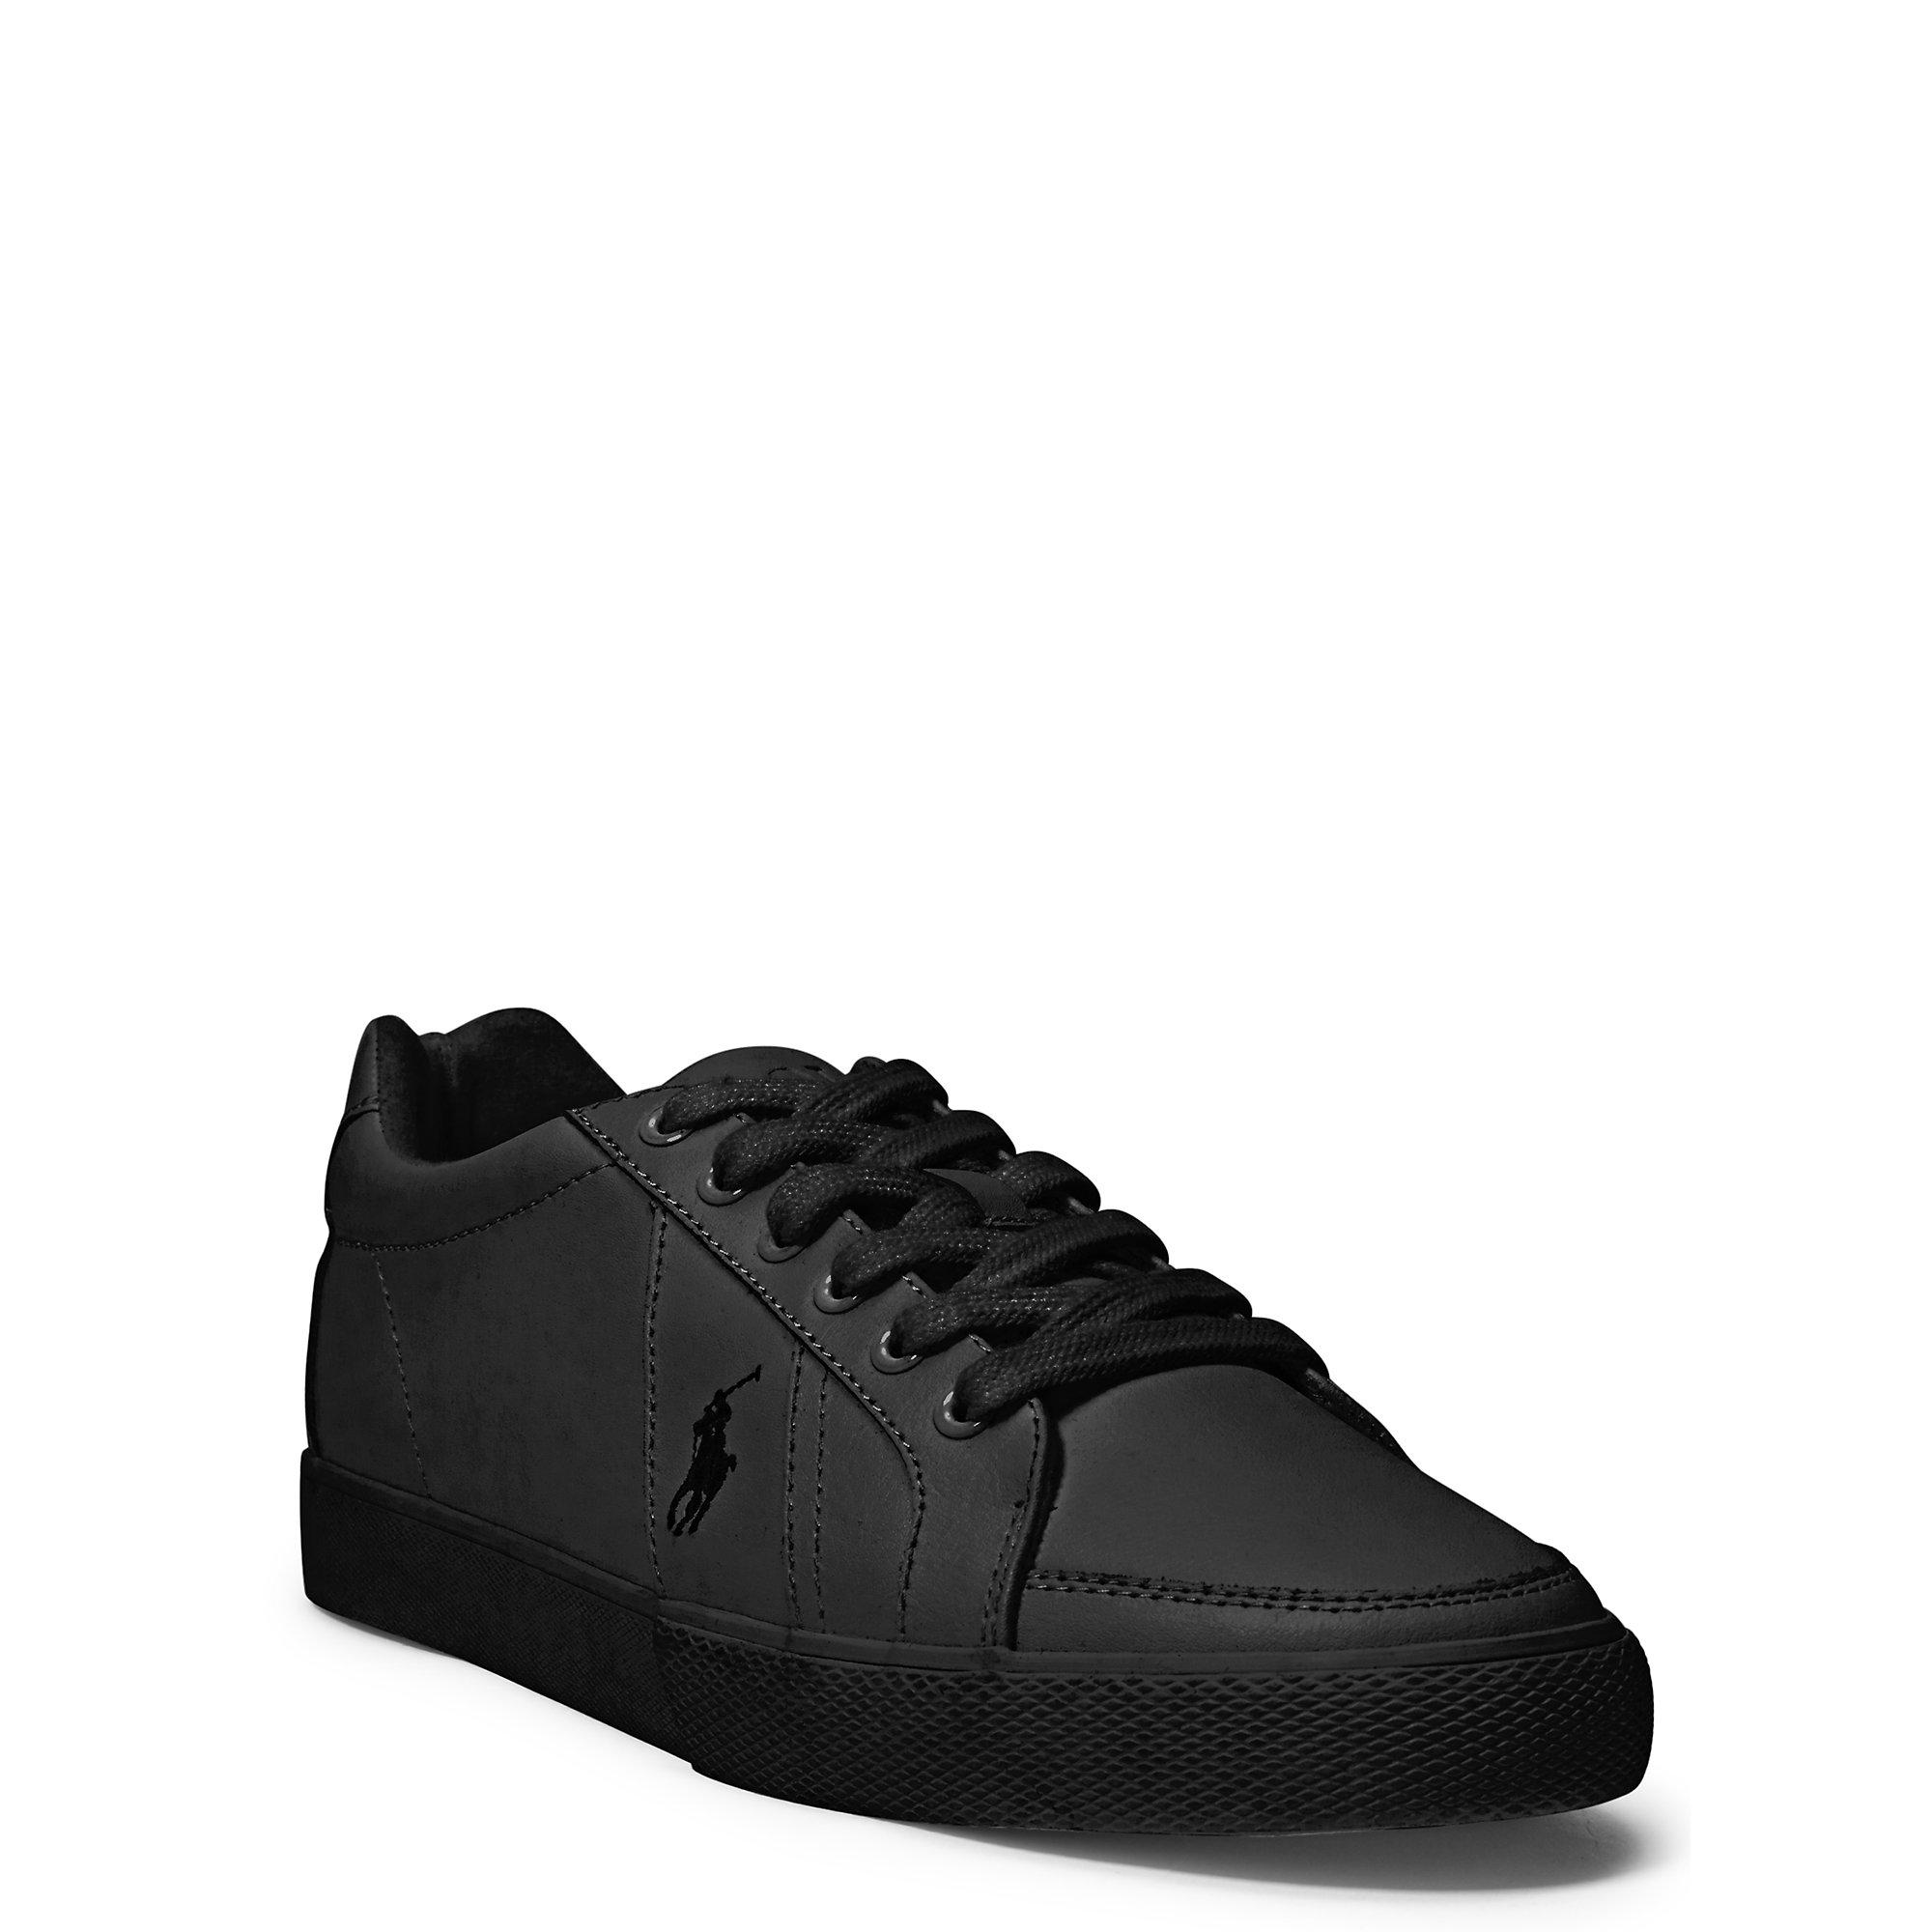 Polo For Lauren Ralph Leather Men Hugh Black Sneaker 3JlFK1cT